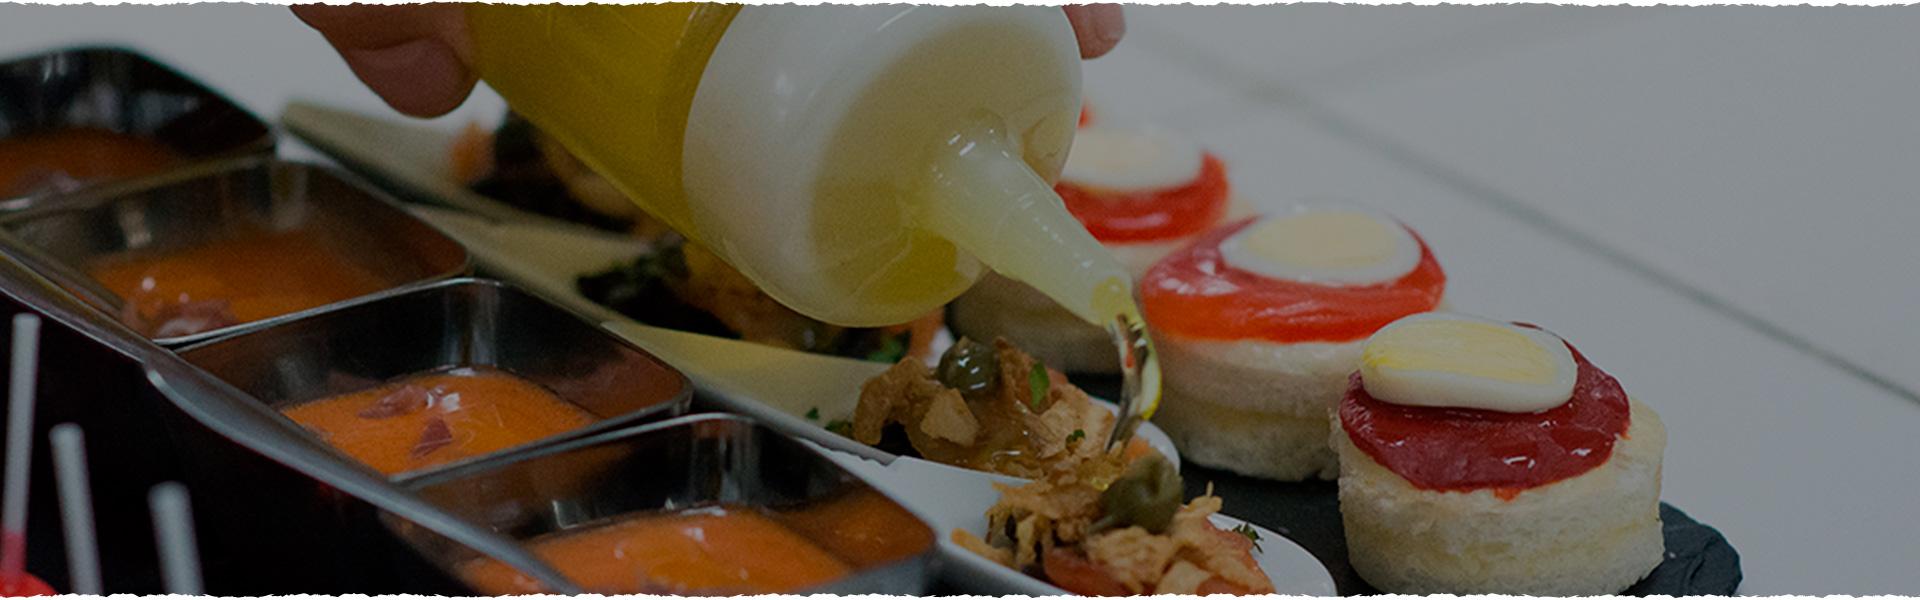 catering sevilla platos